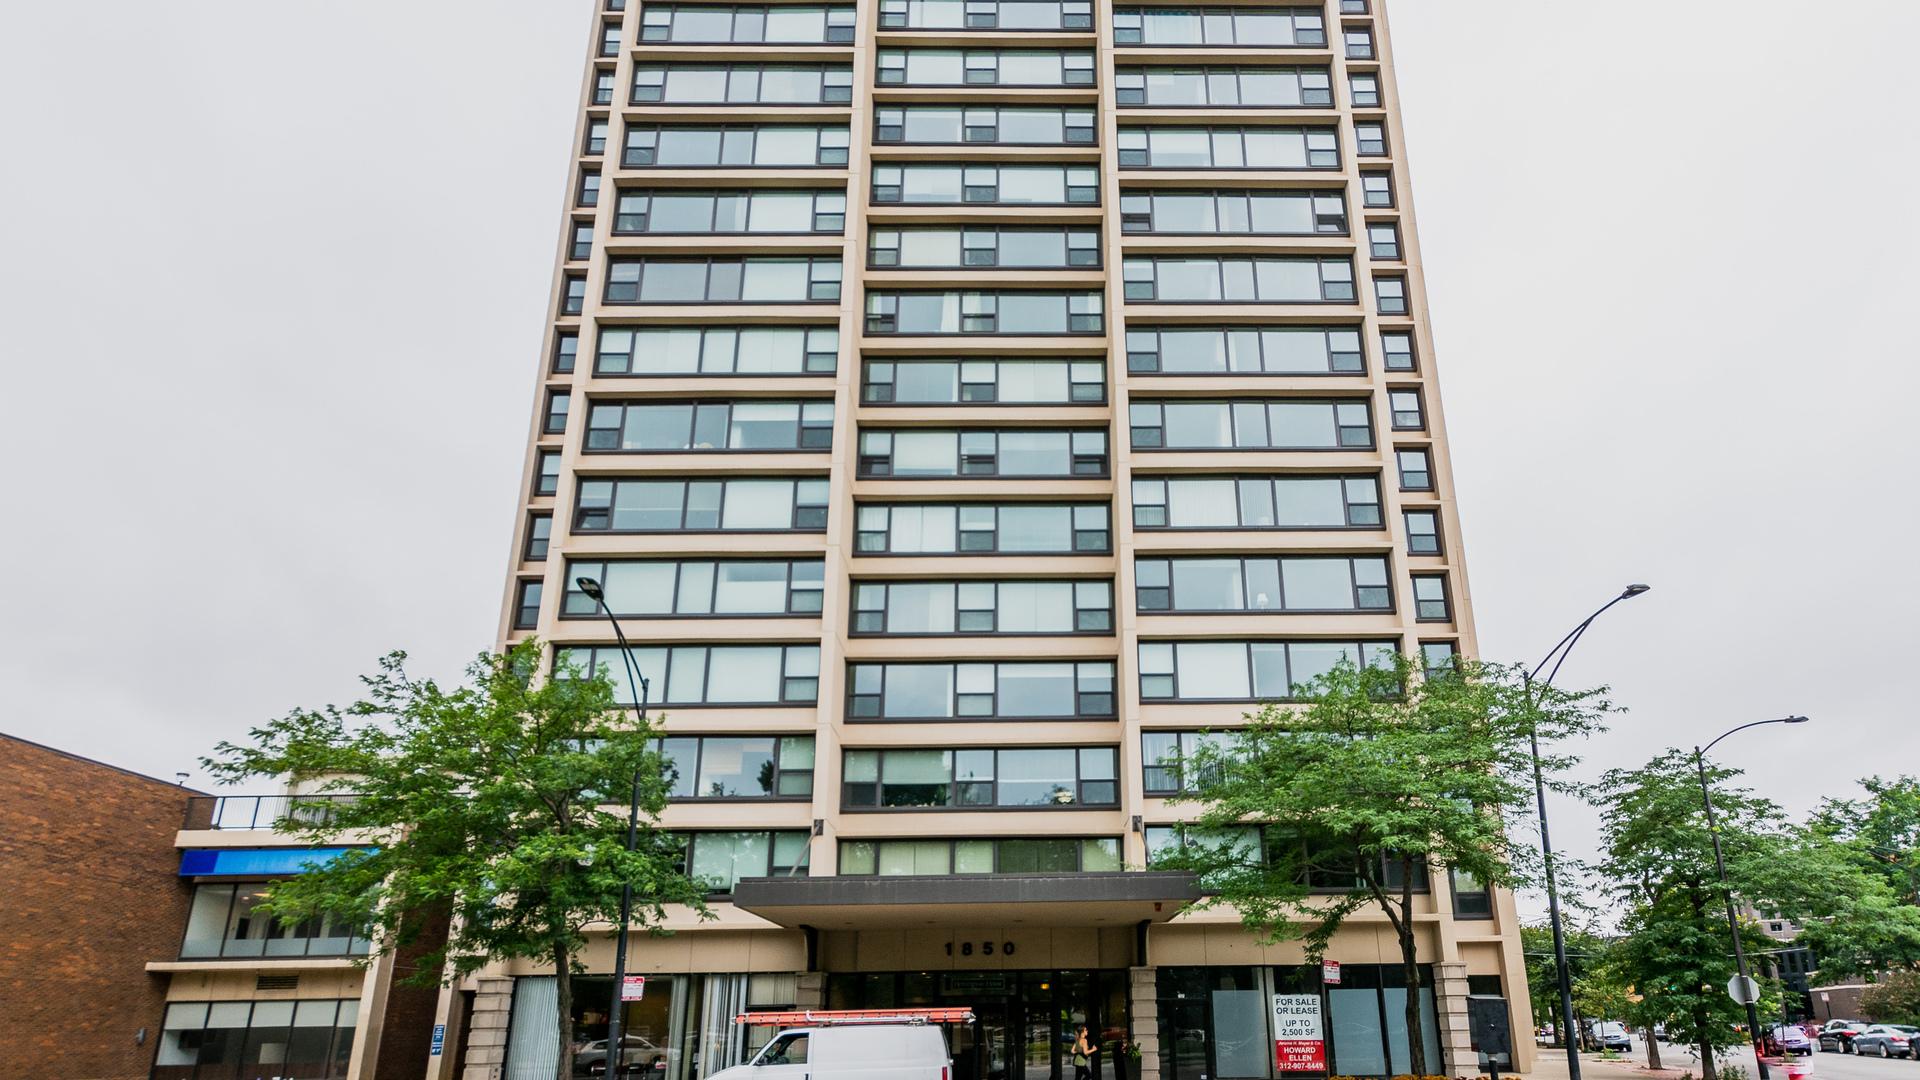 1850 Clark Unit Unit 1102 ,Chicago, Illinois 60614